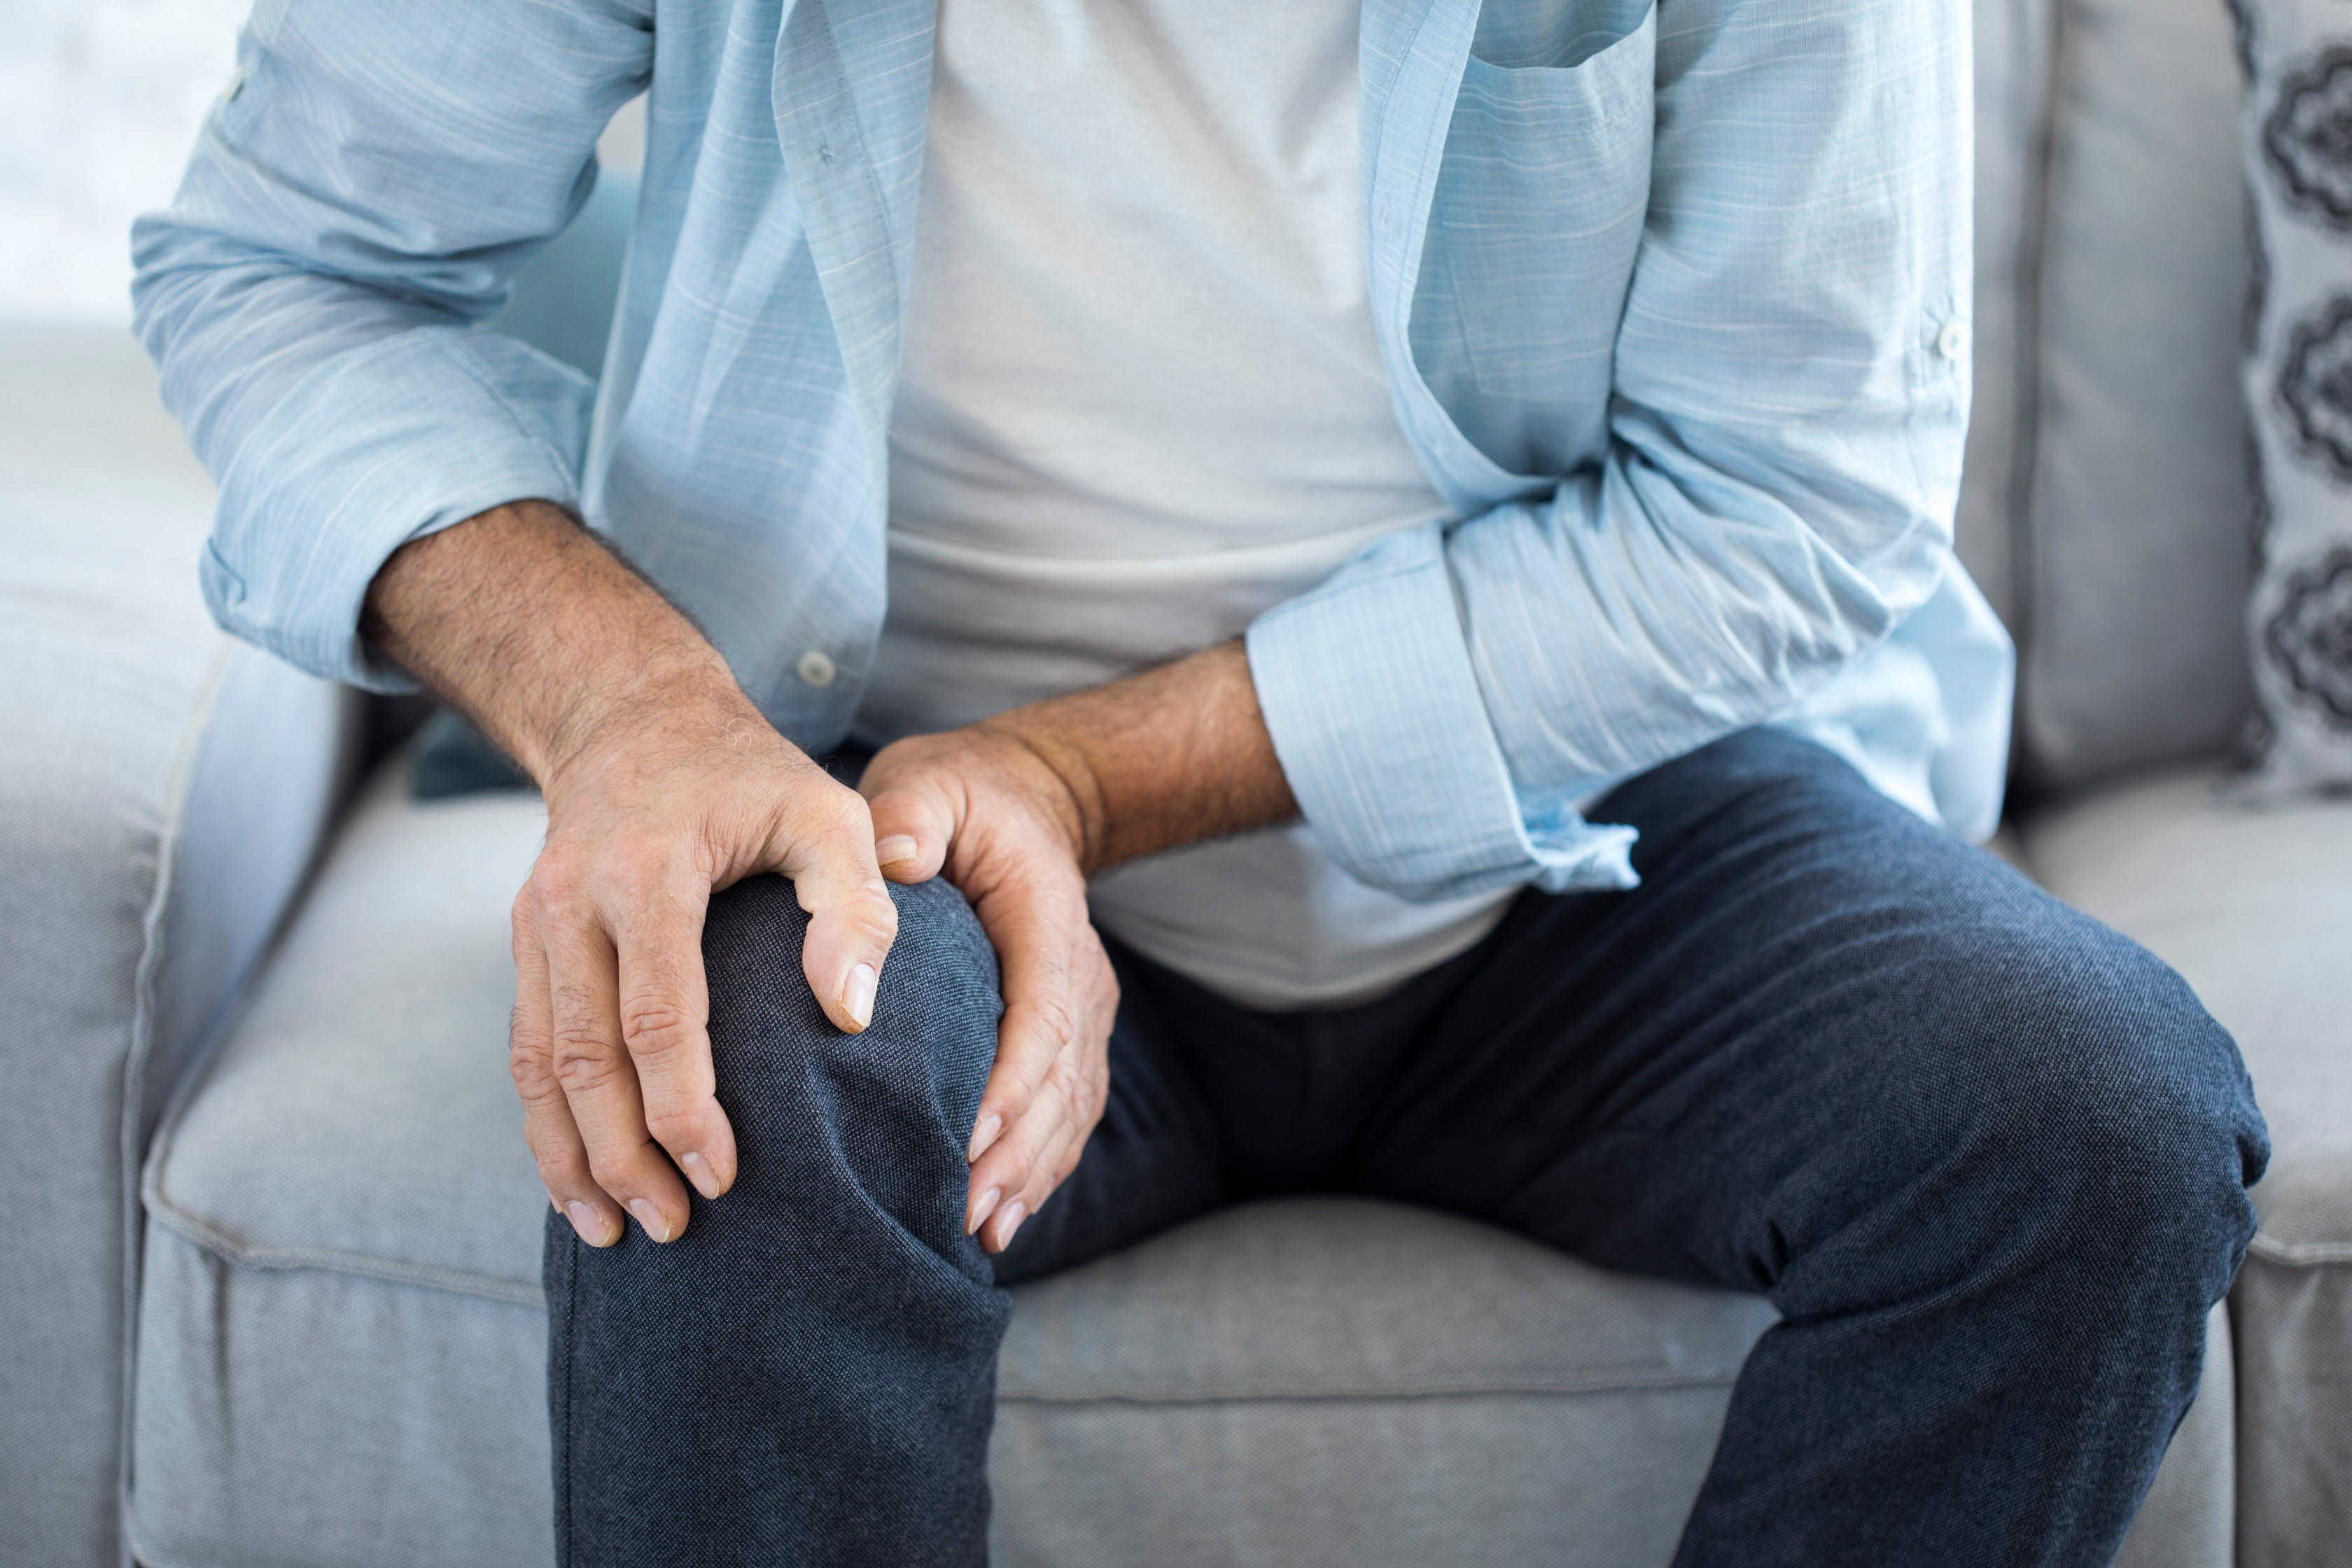 otthon kezelt rheumatoid arthritis ízületi fájdalom és ropogás serdülőknél